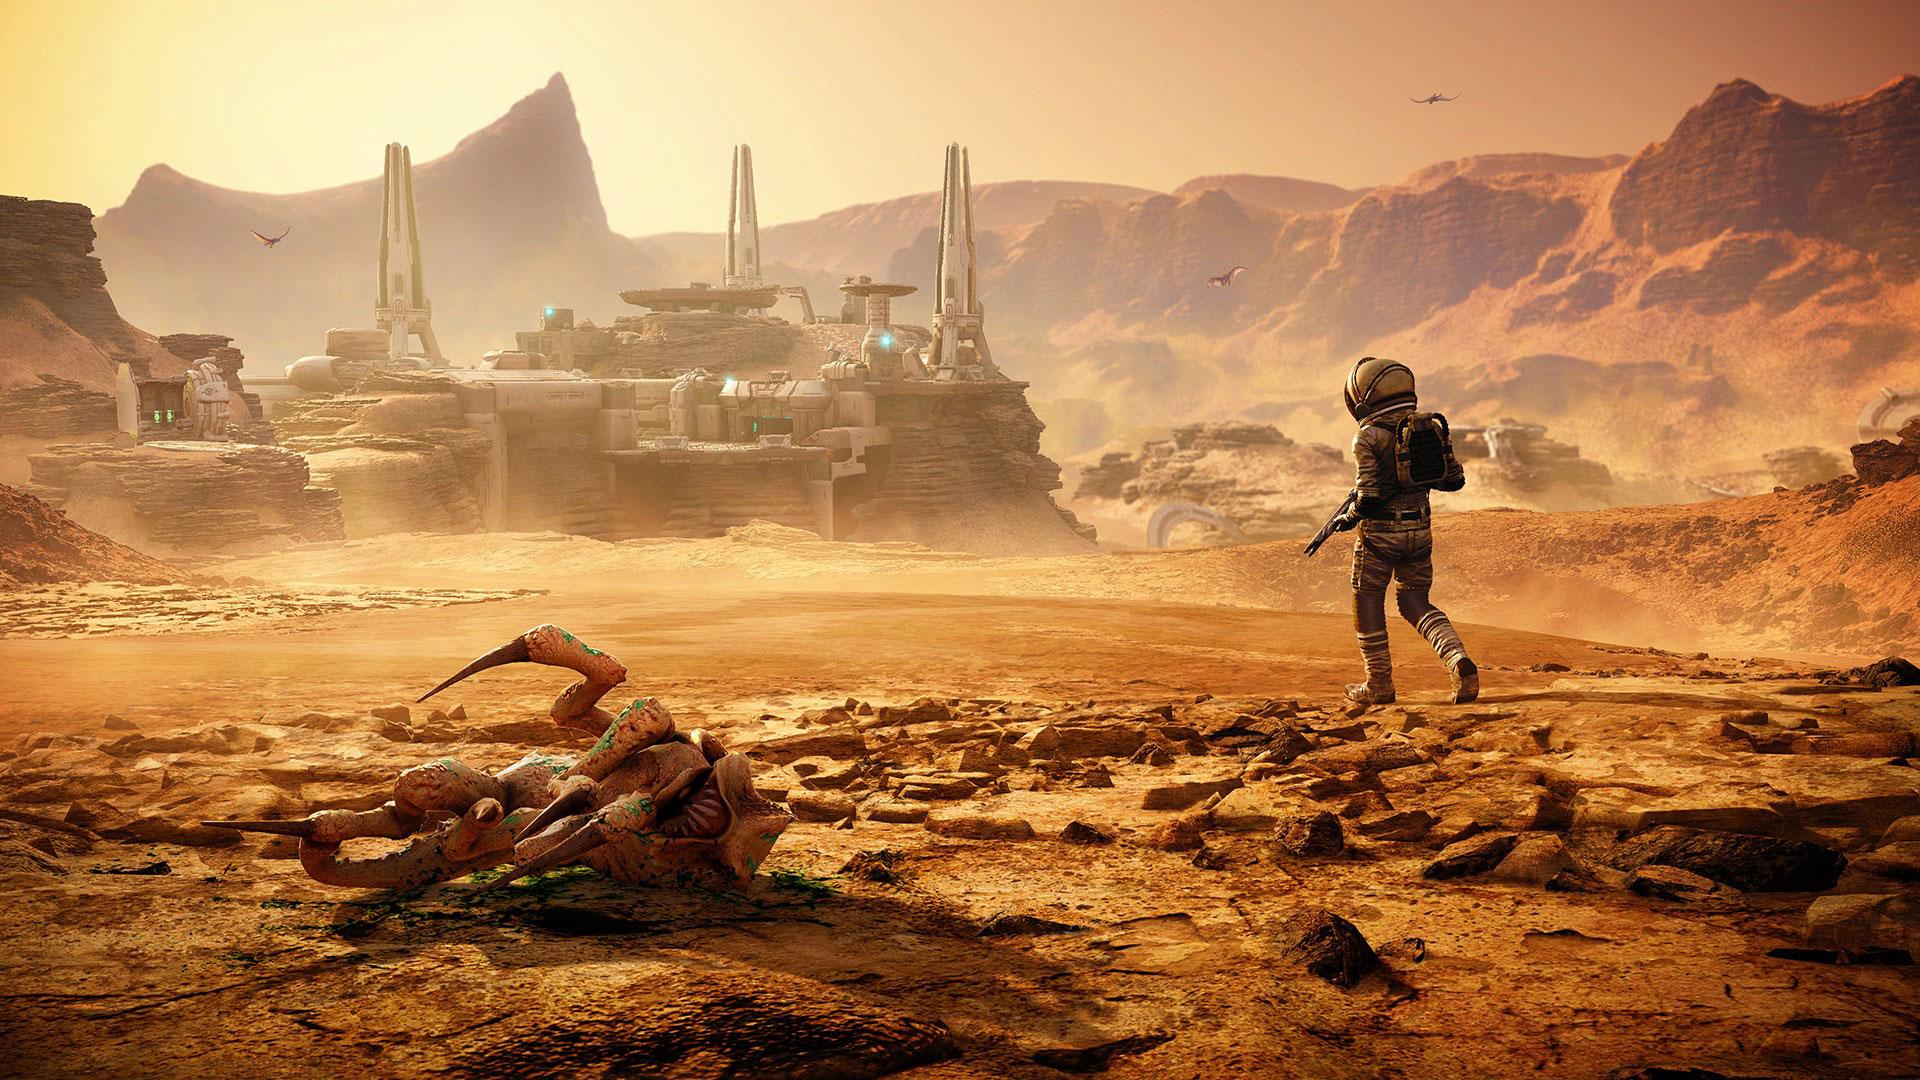 """Die zweite """"FarCry 5""""-Erweiterung beamt Flieger-Ass Nick Rye auf den Mars. Im Hauptspiel gehörte Rye zu den Nebenfiguren und hatte die Aufgabe, dem Spieler Luftunterstützung zu geben."""